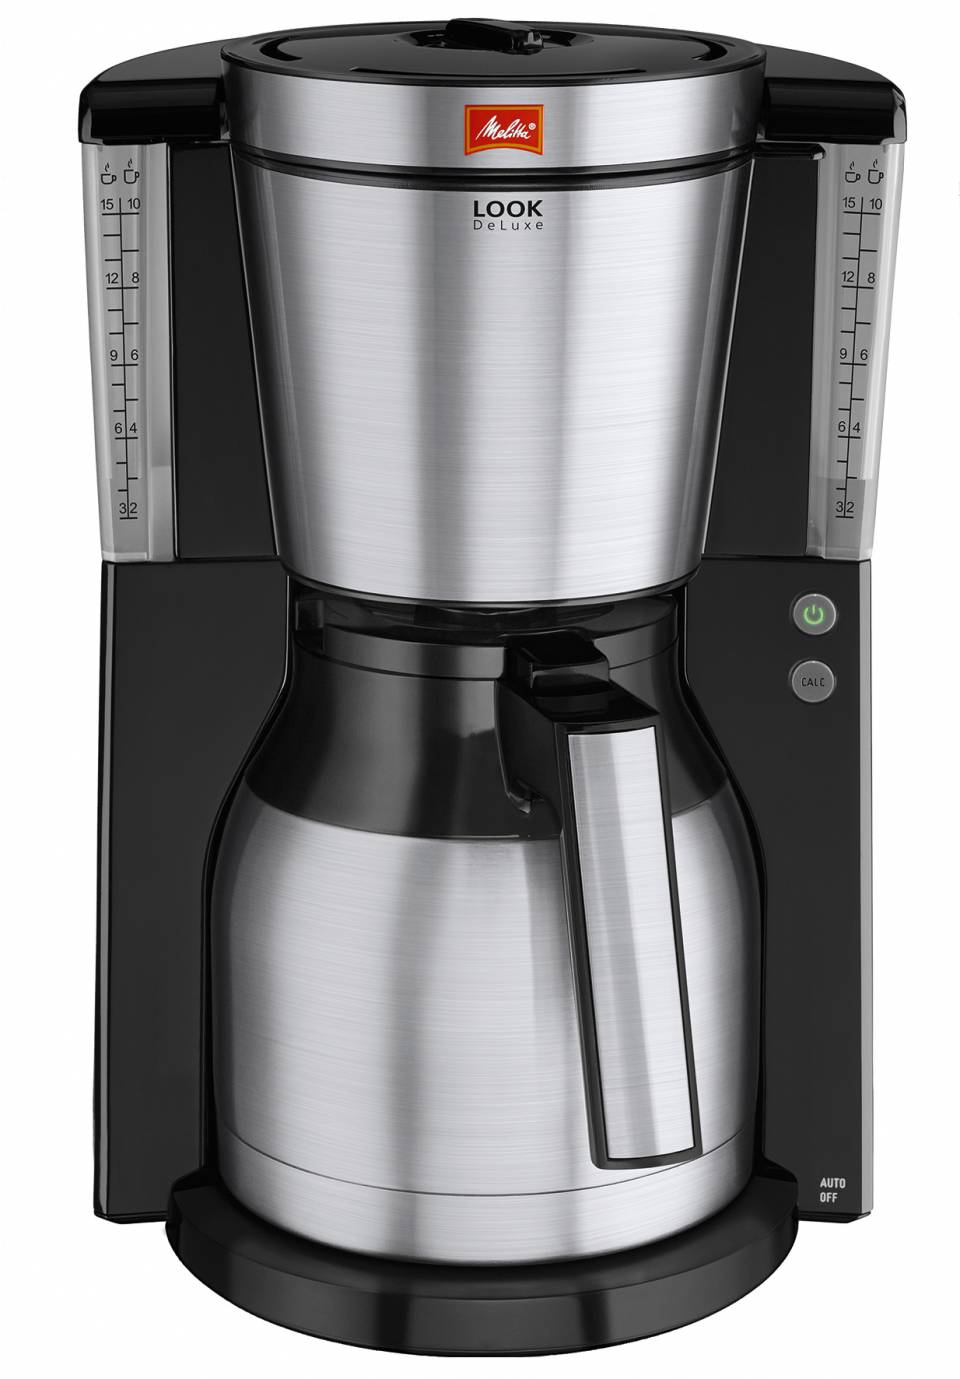 Melitta Kaffeemaschine Look Therm DeLuxe mit Edelstahl-Blende an Filterhalter, Kannengriff und Filterdeckel.